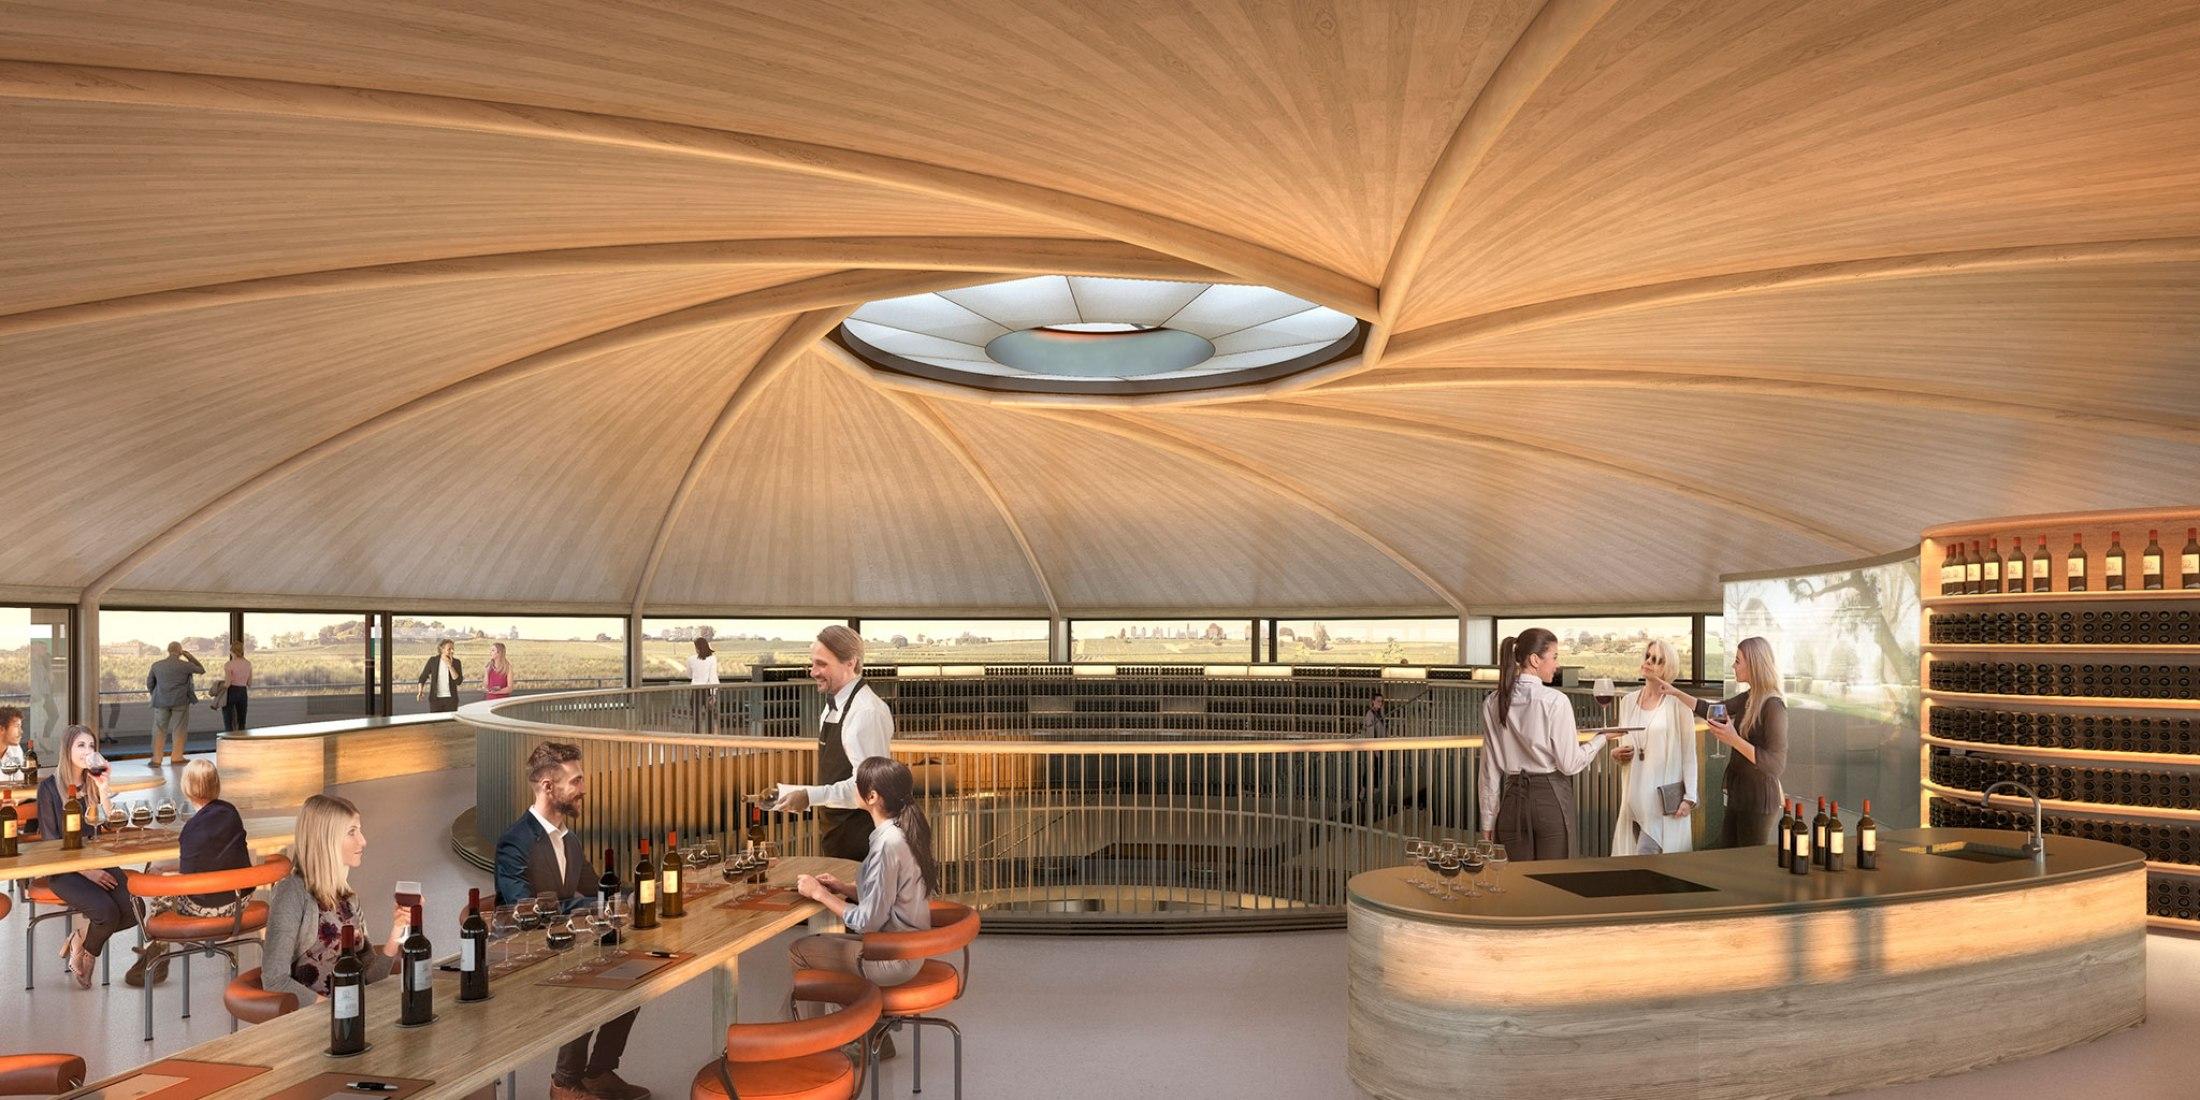 Bodega Le Dôme en Saint-Émilion por Foster + Partners. Visualización por Foster + Partners